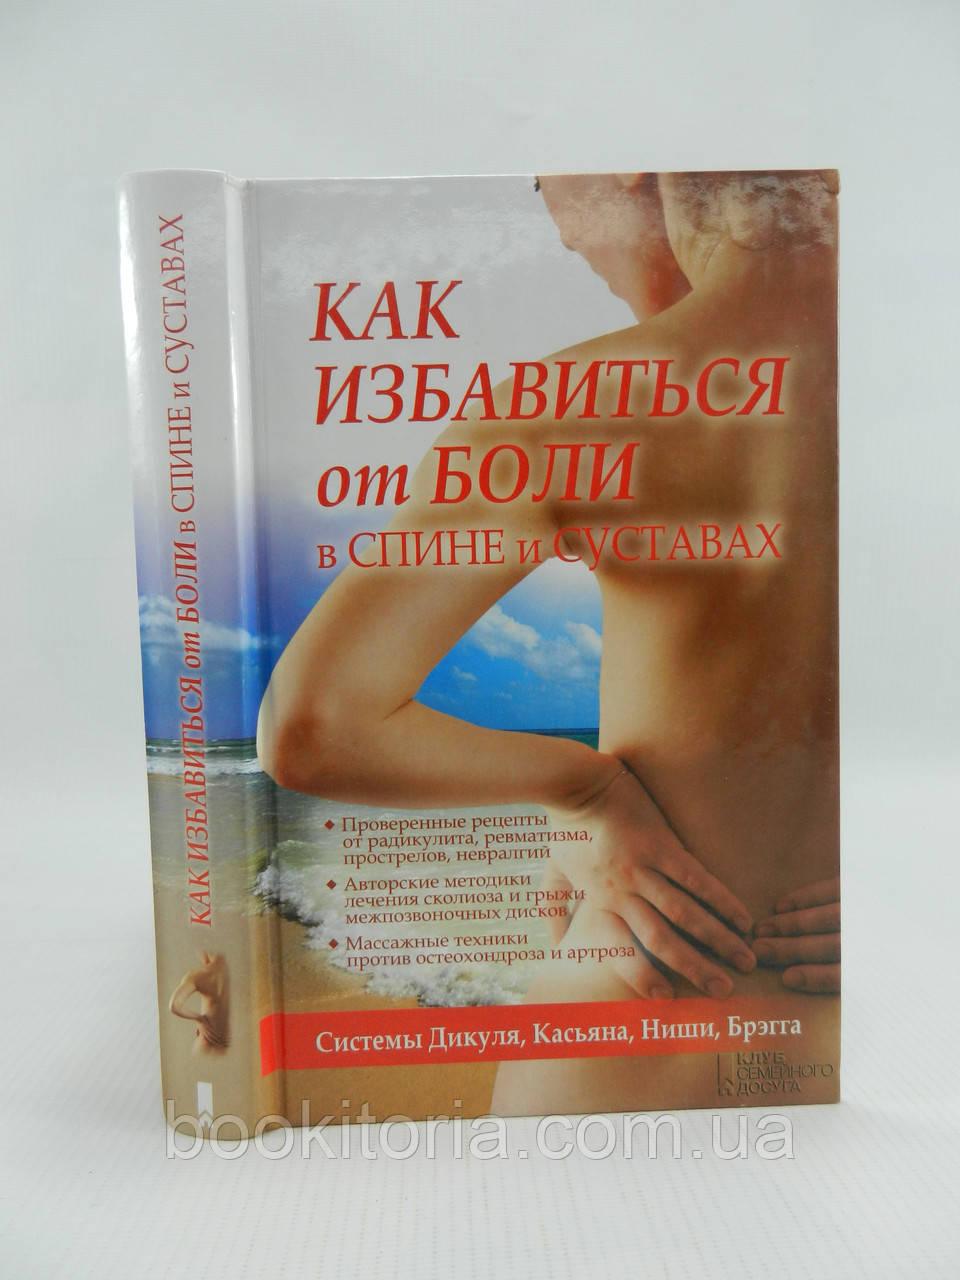 Как избавиться от боли в спине и суставах (б/у).